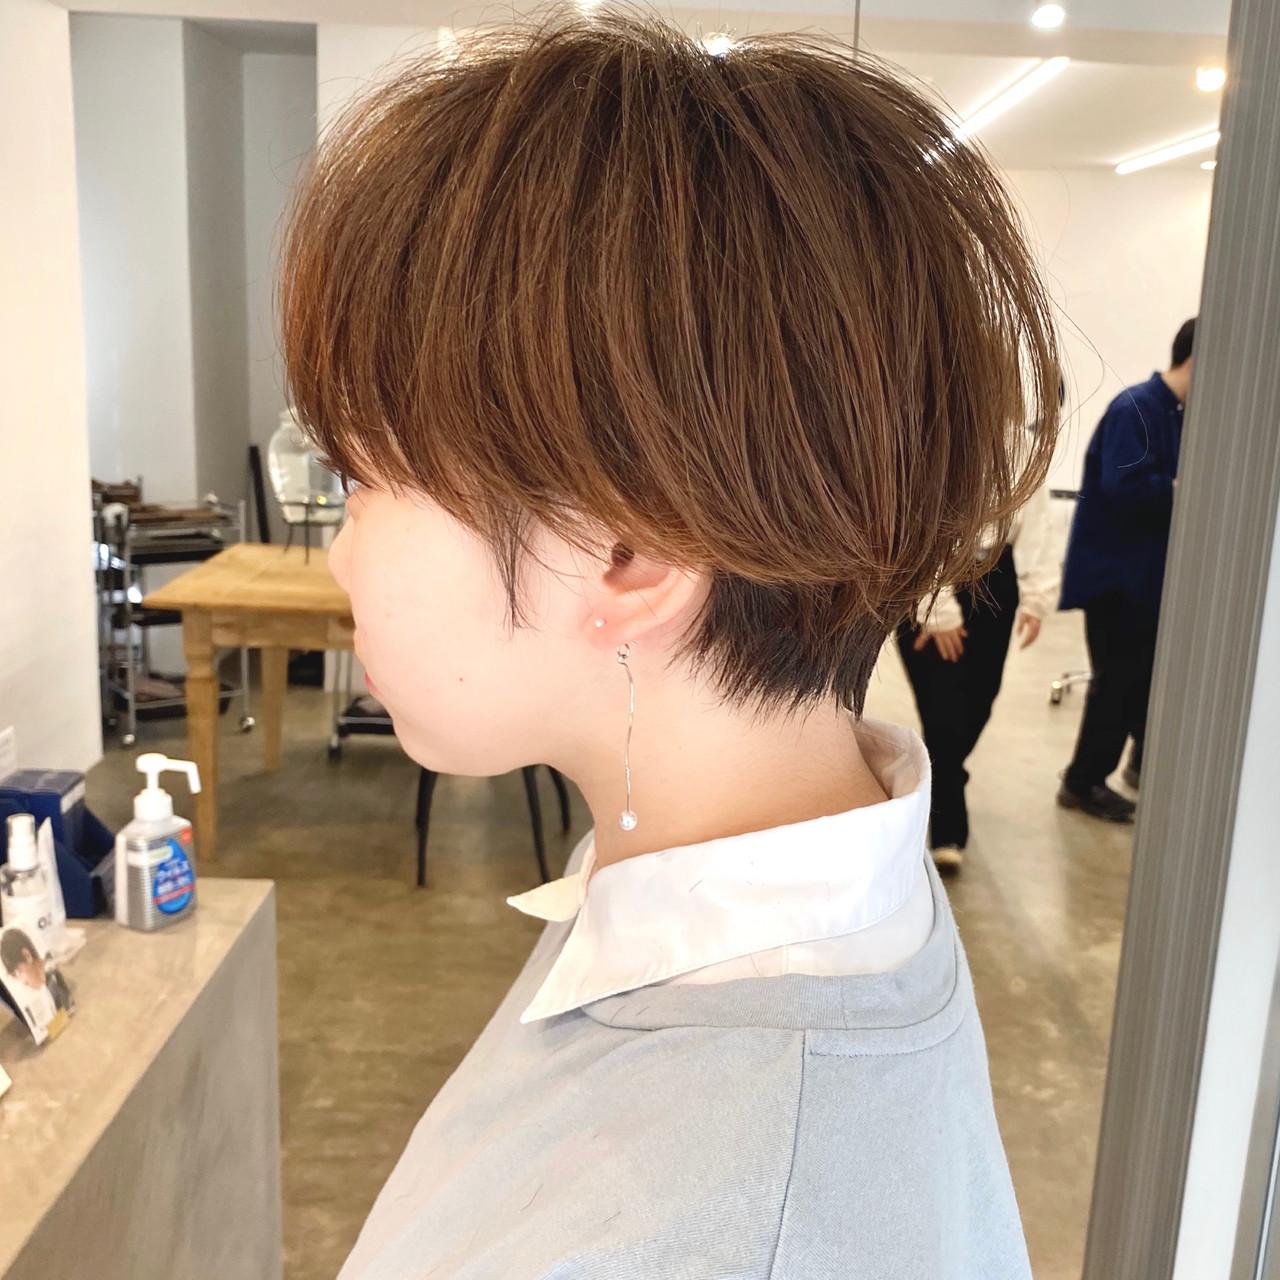 大人かわいい ショート アンニュイ 小顔ショート ヘアスタイルや髪型の写真・画像   【ショート&ショートボブはお任せください】淺川聖 / parc sapporo